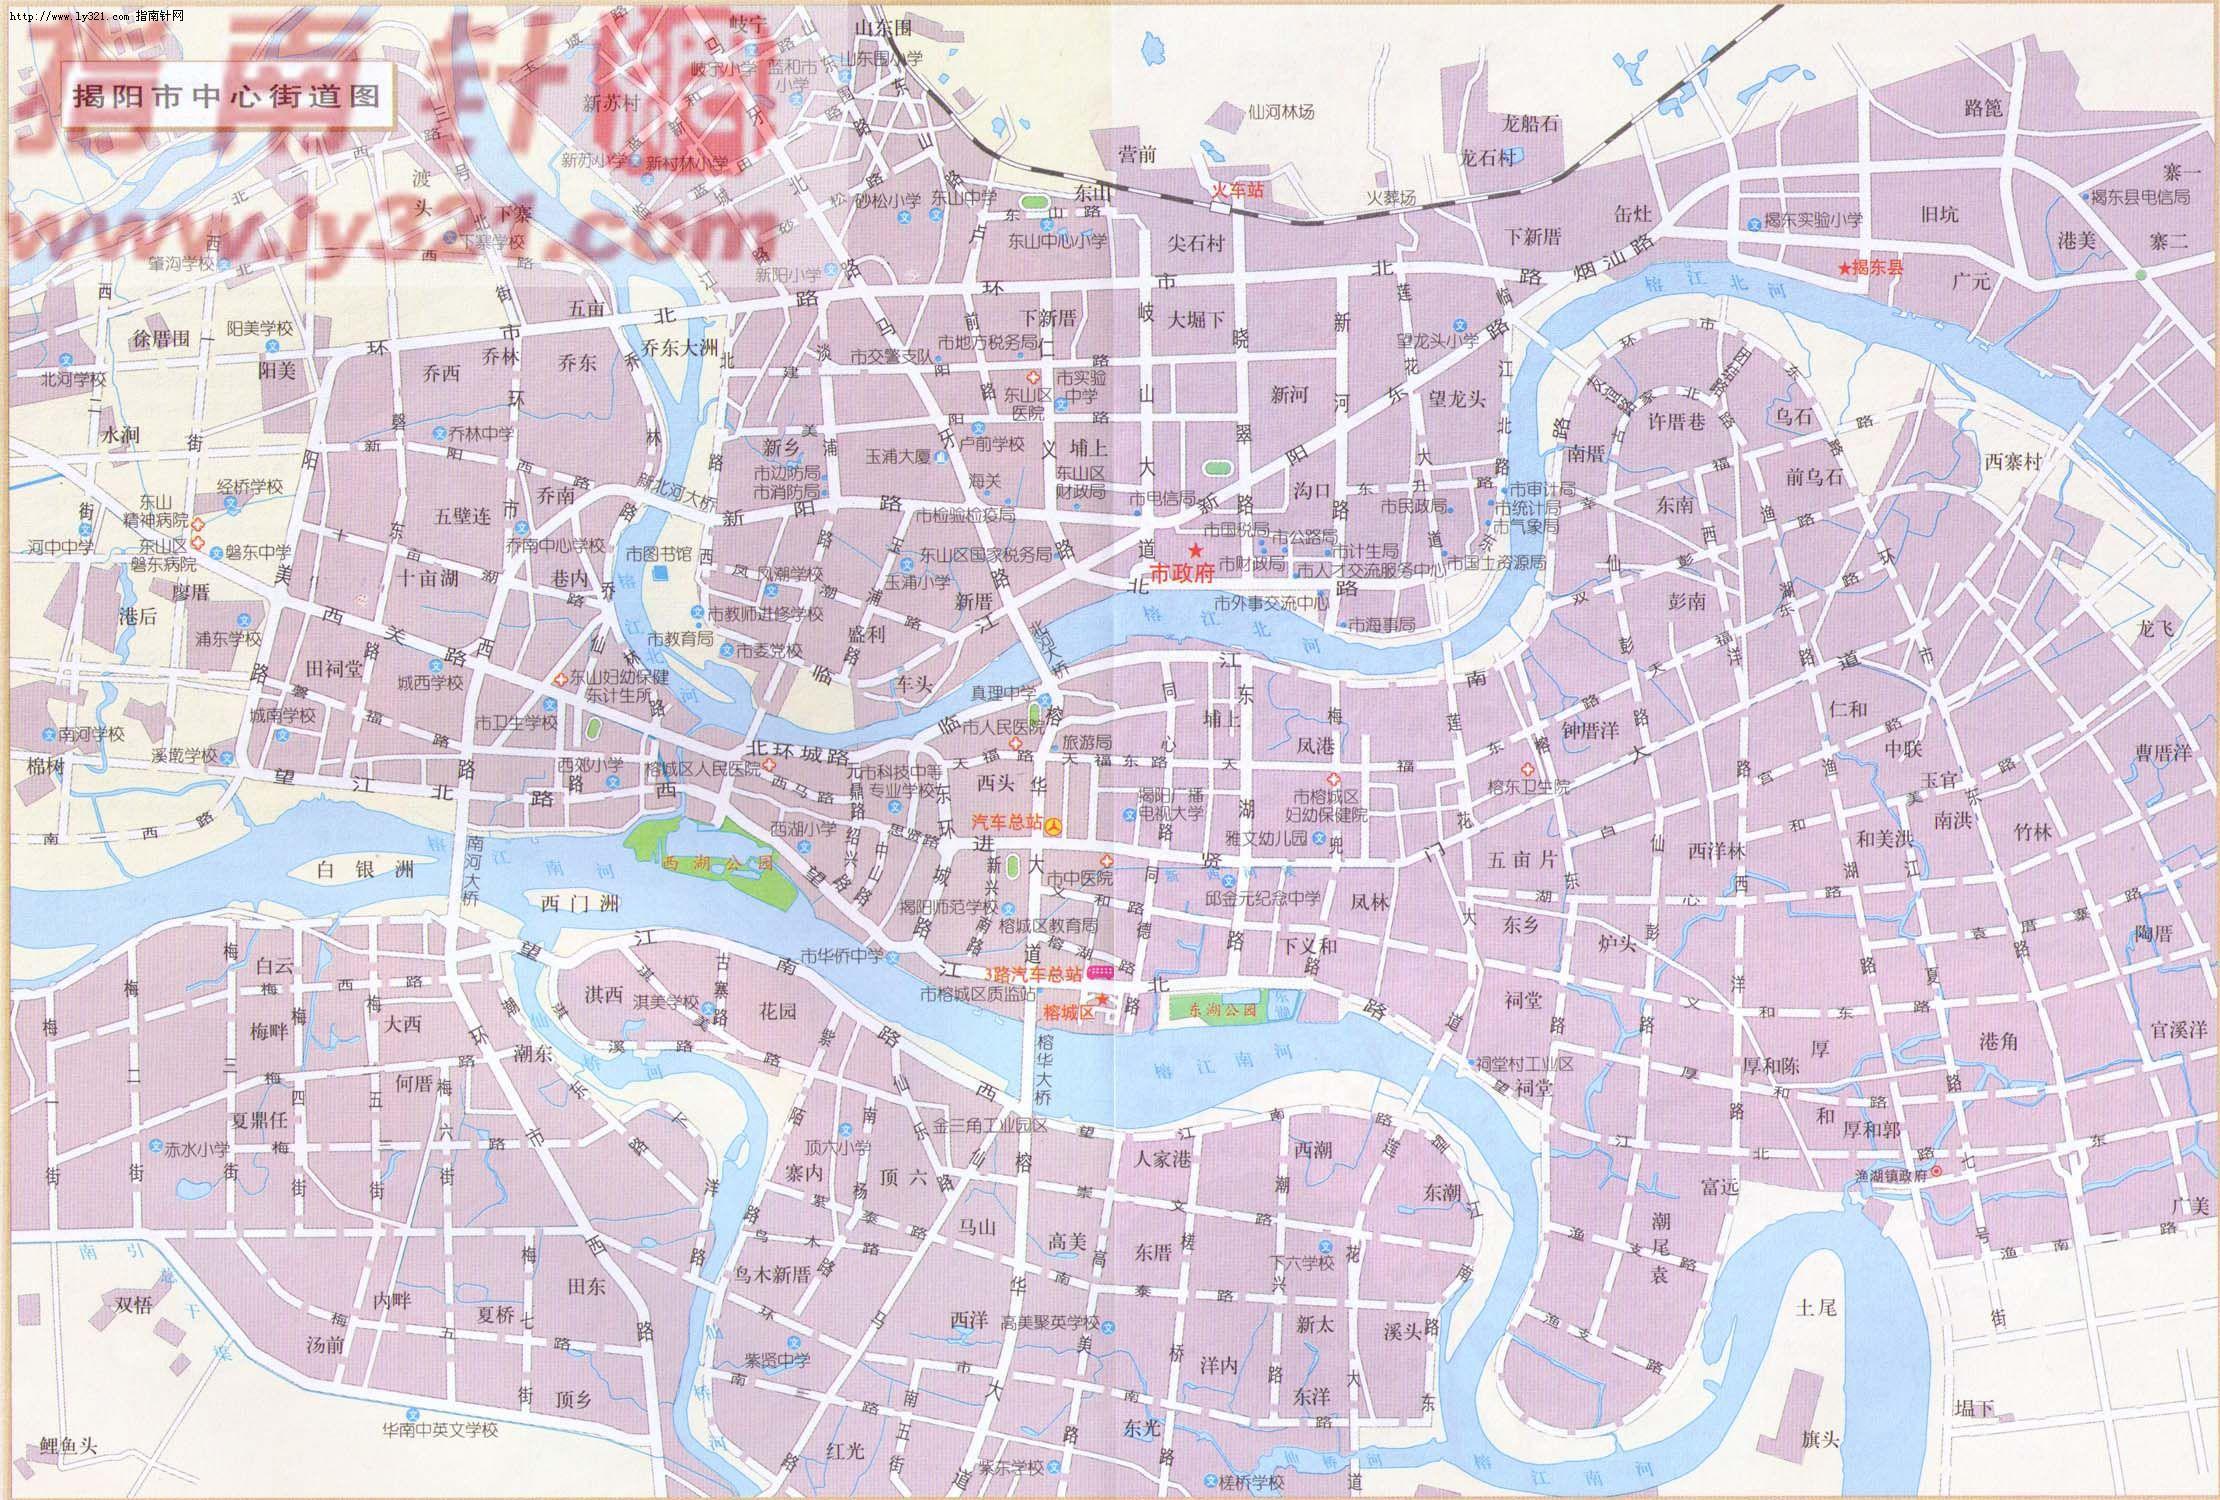 广东省揭阳市中心街道地图_揭阳市旅游景点地图查询